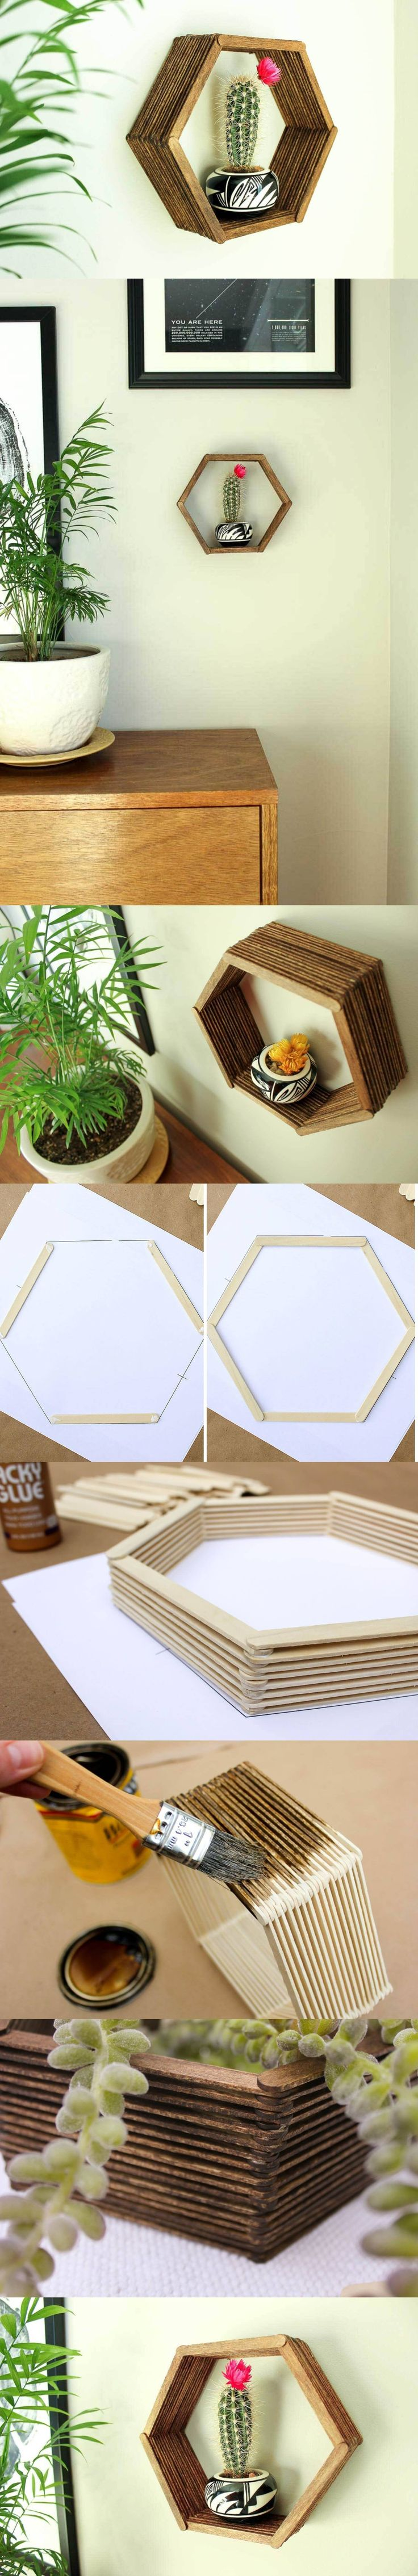 Estante hexagonal con palitos de helado - DIY Hexagonal Shelf